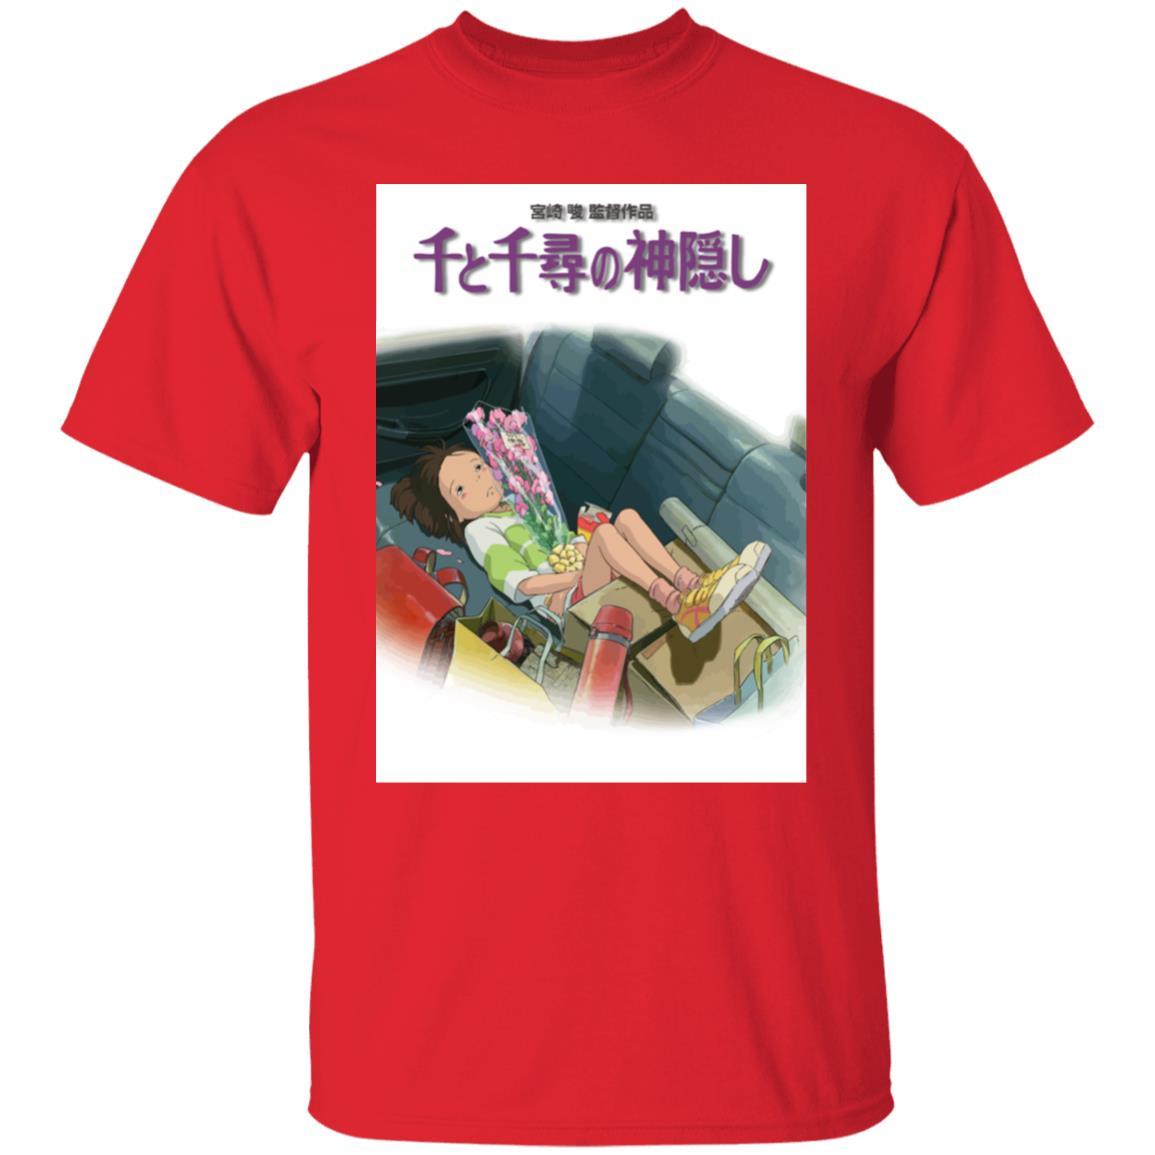 Spirited Away – Chihiro on the Car T Shirt